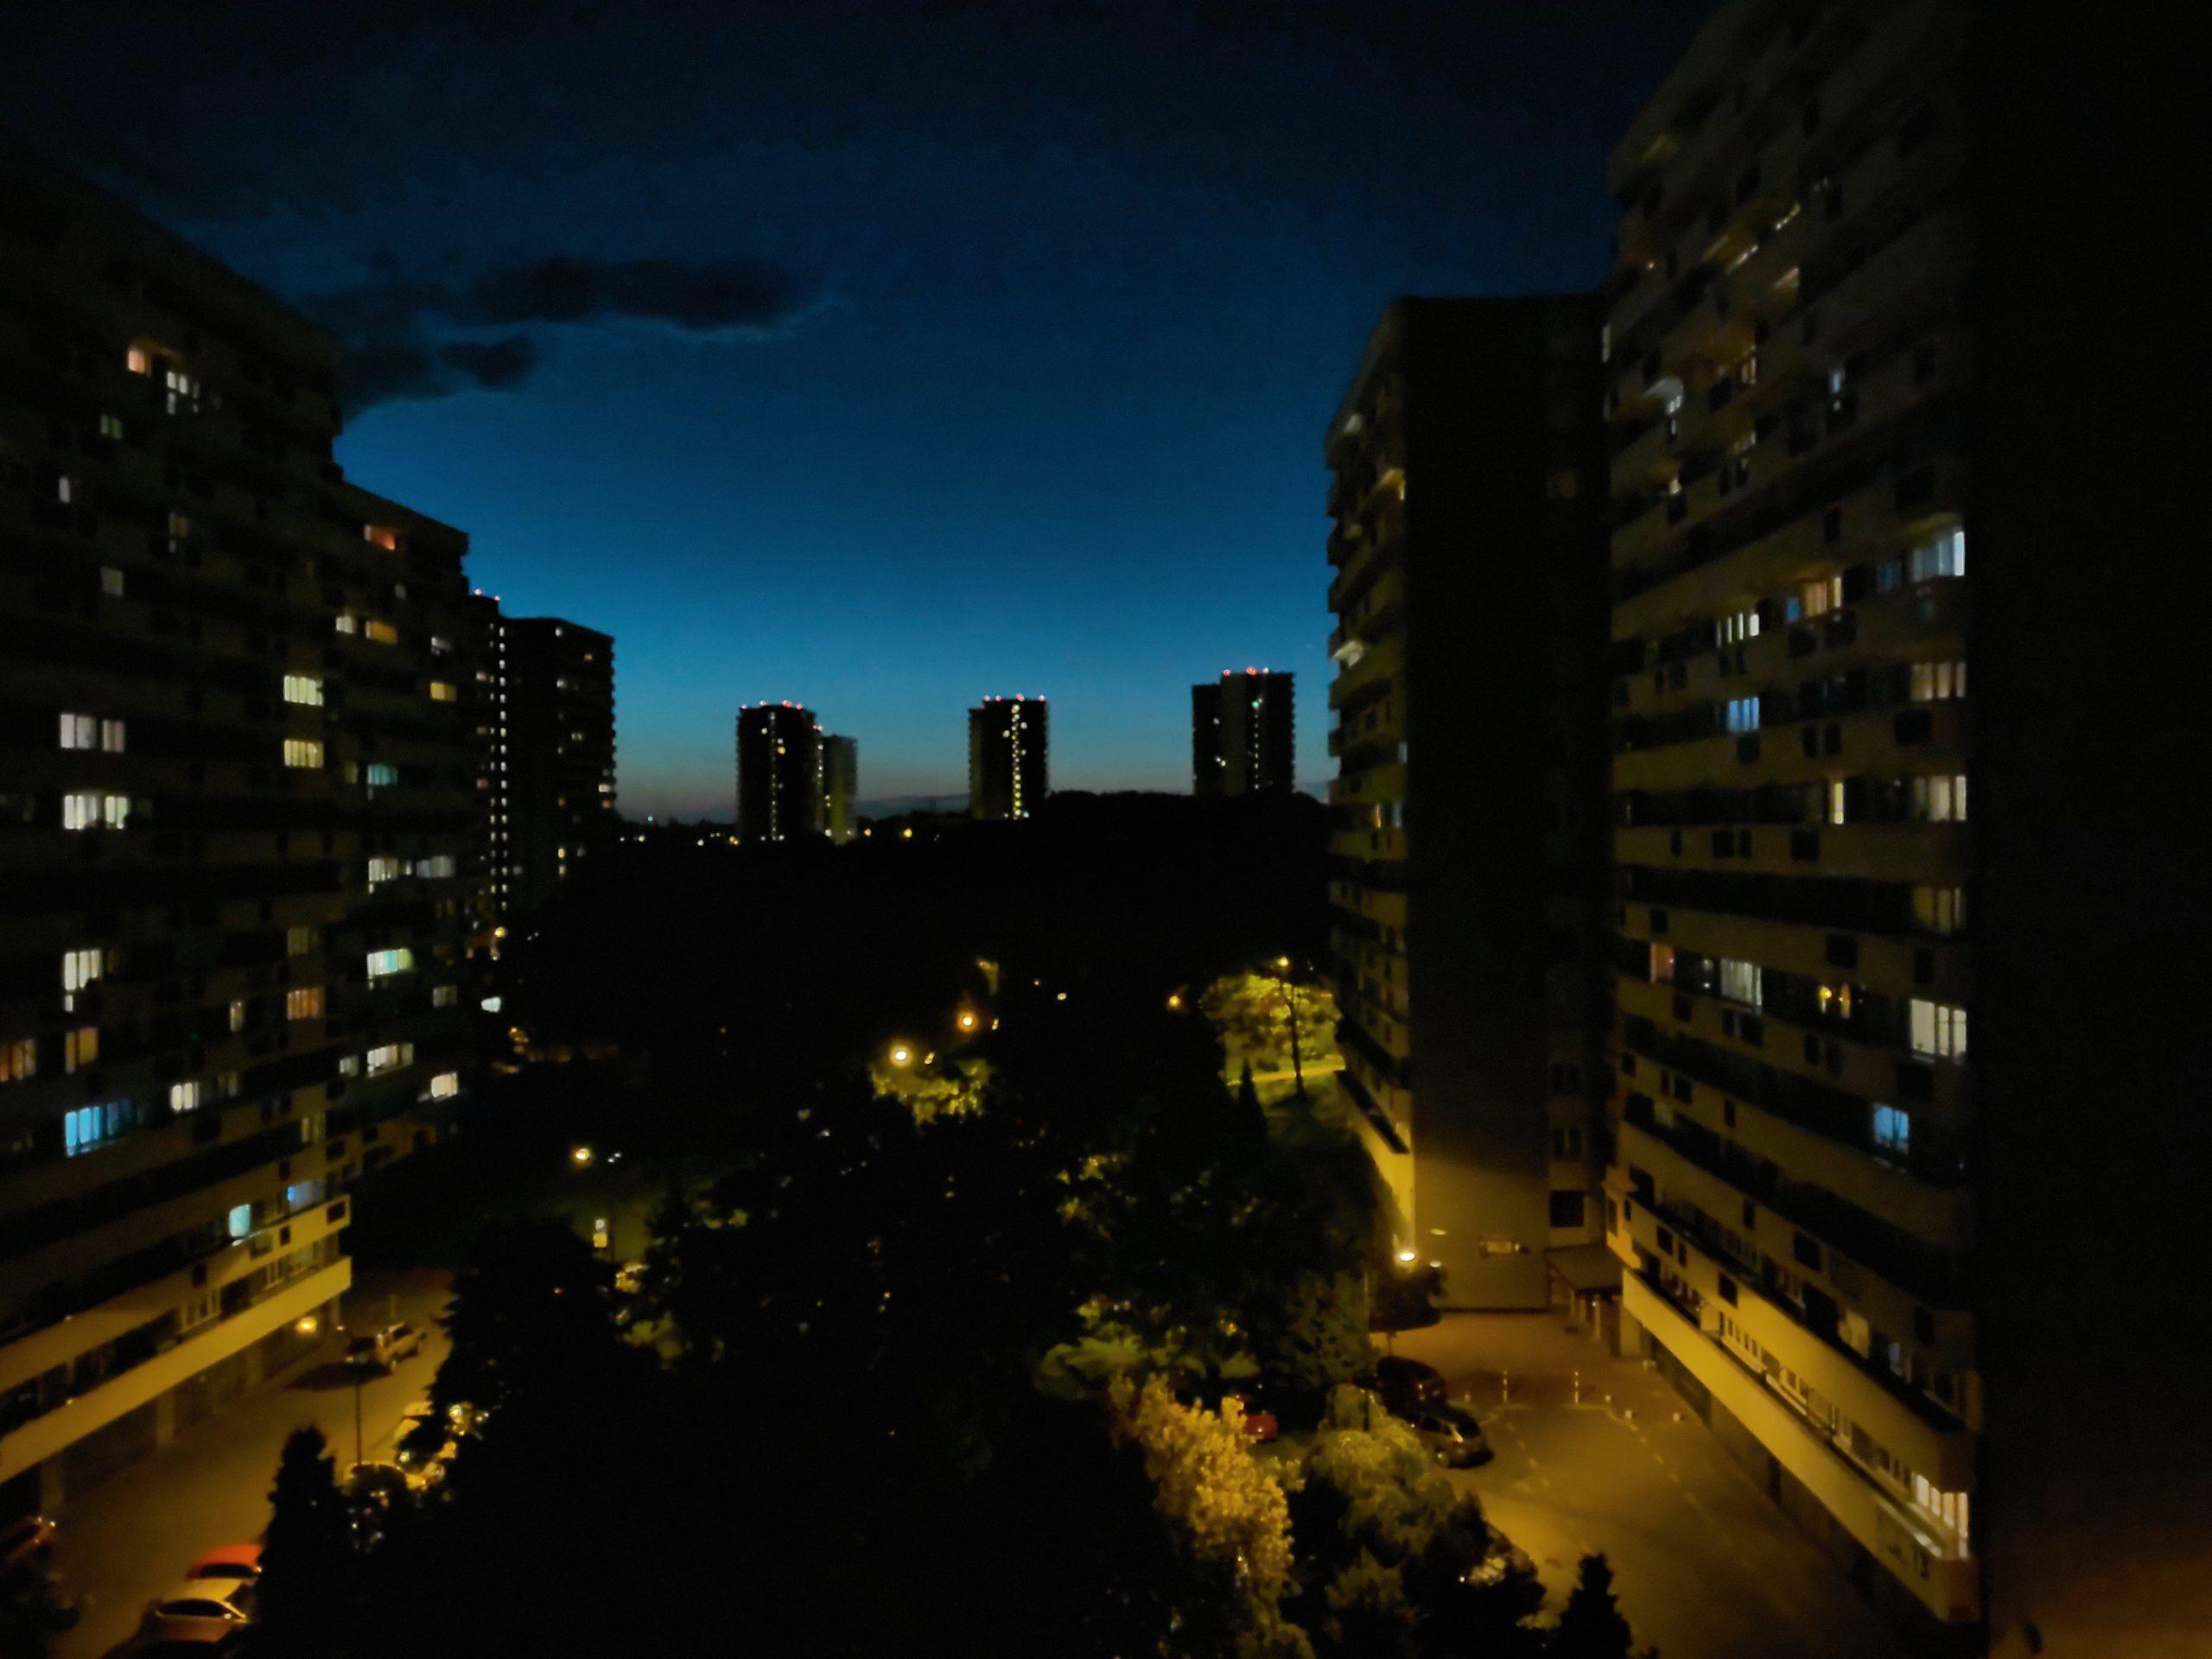 Zdjęcia nocne - ZTE Axon 11 5G